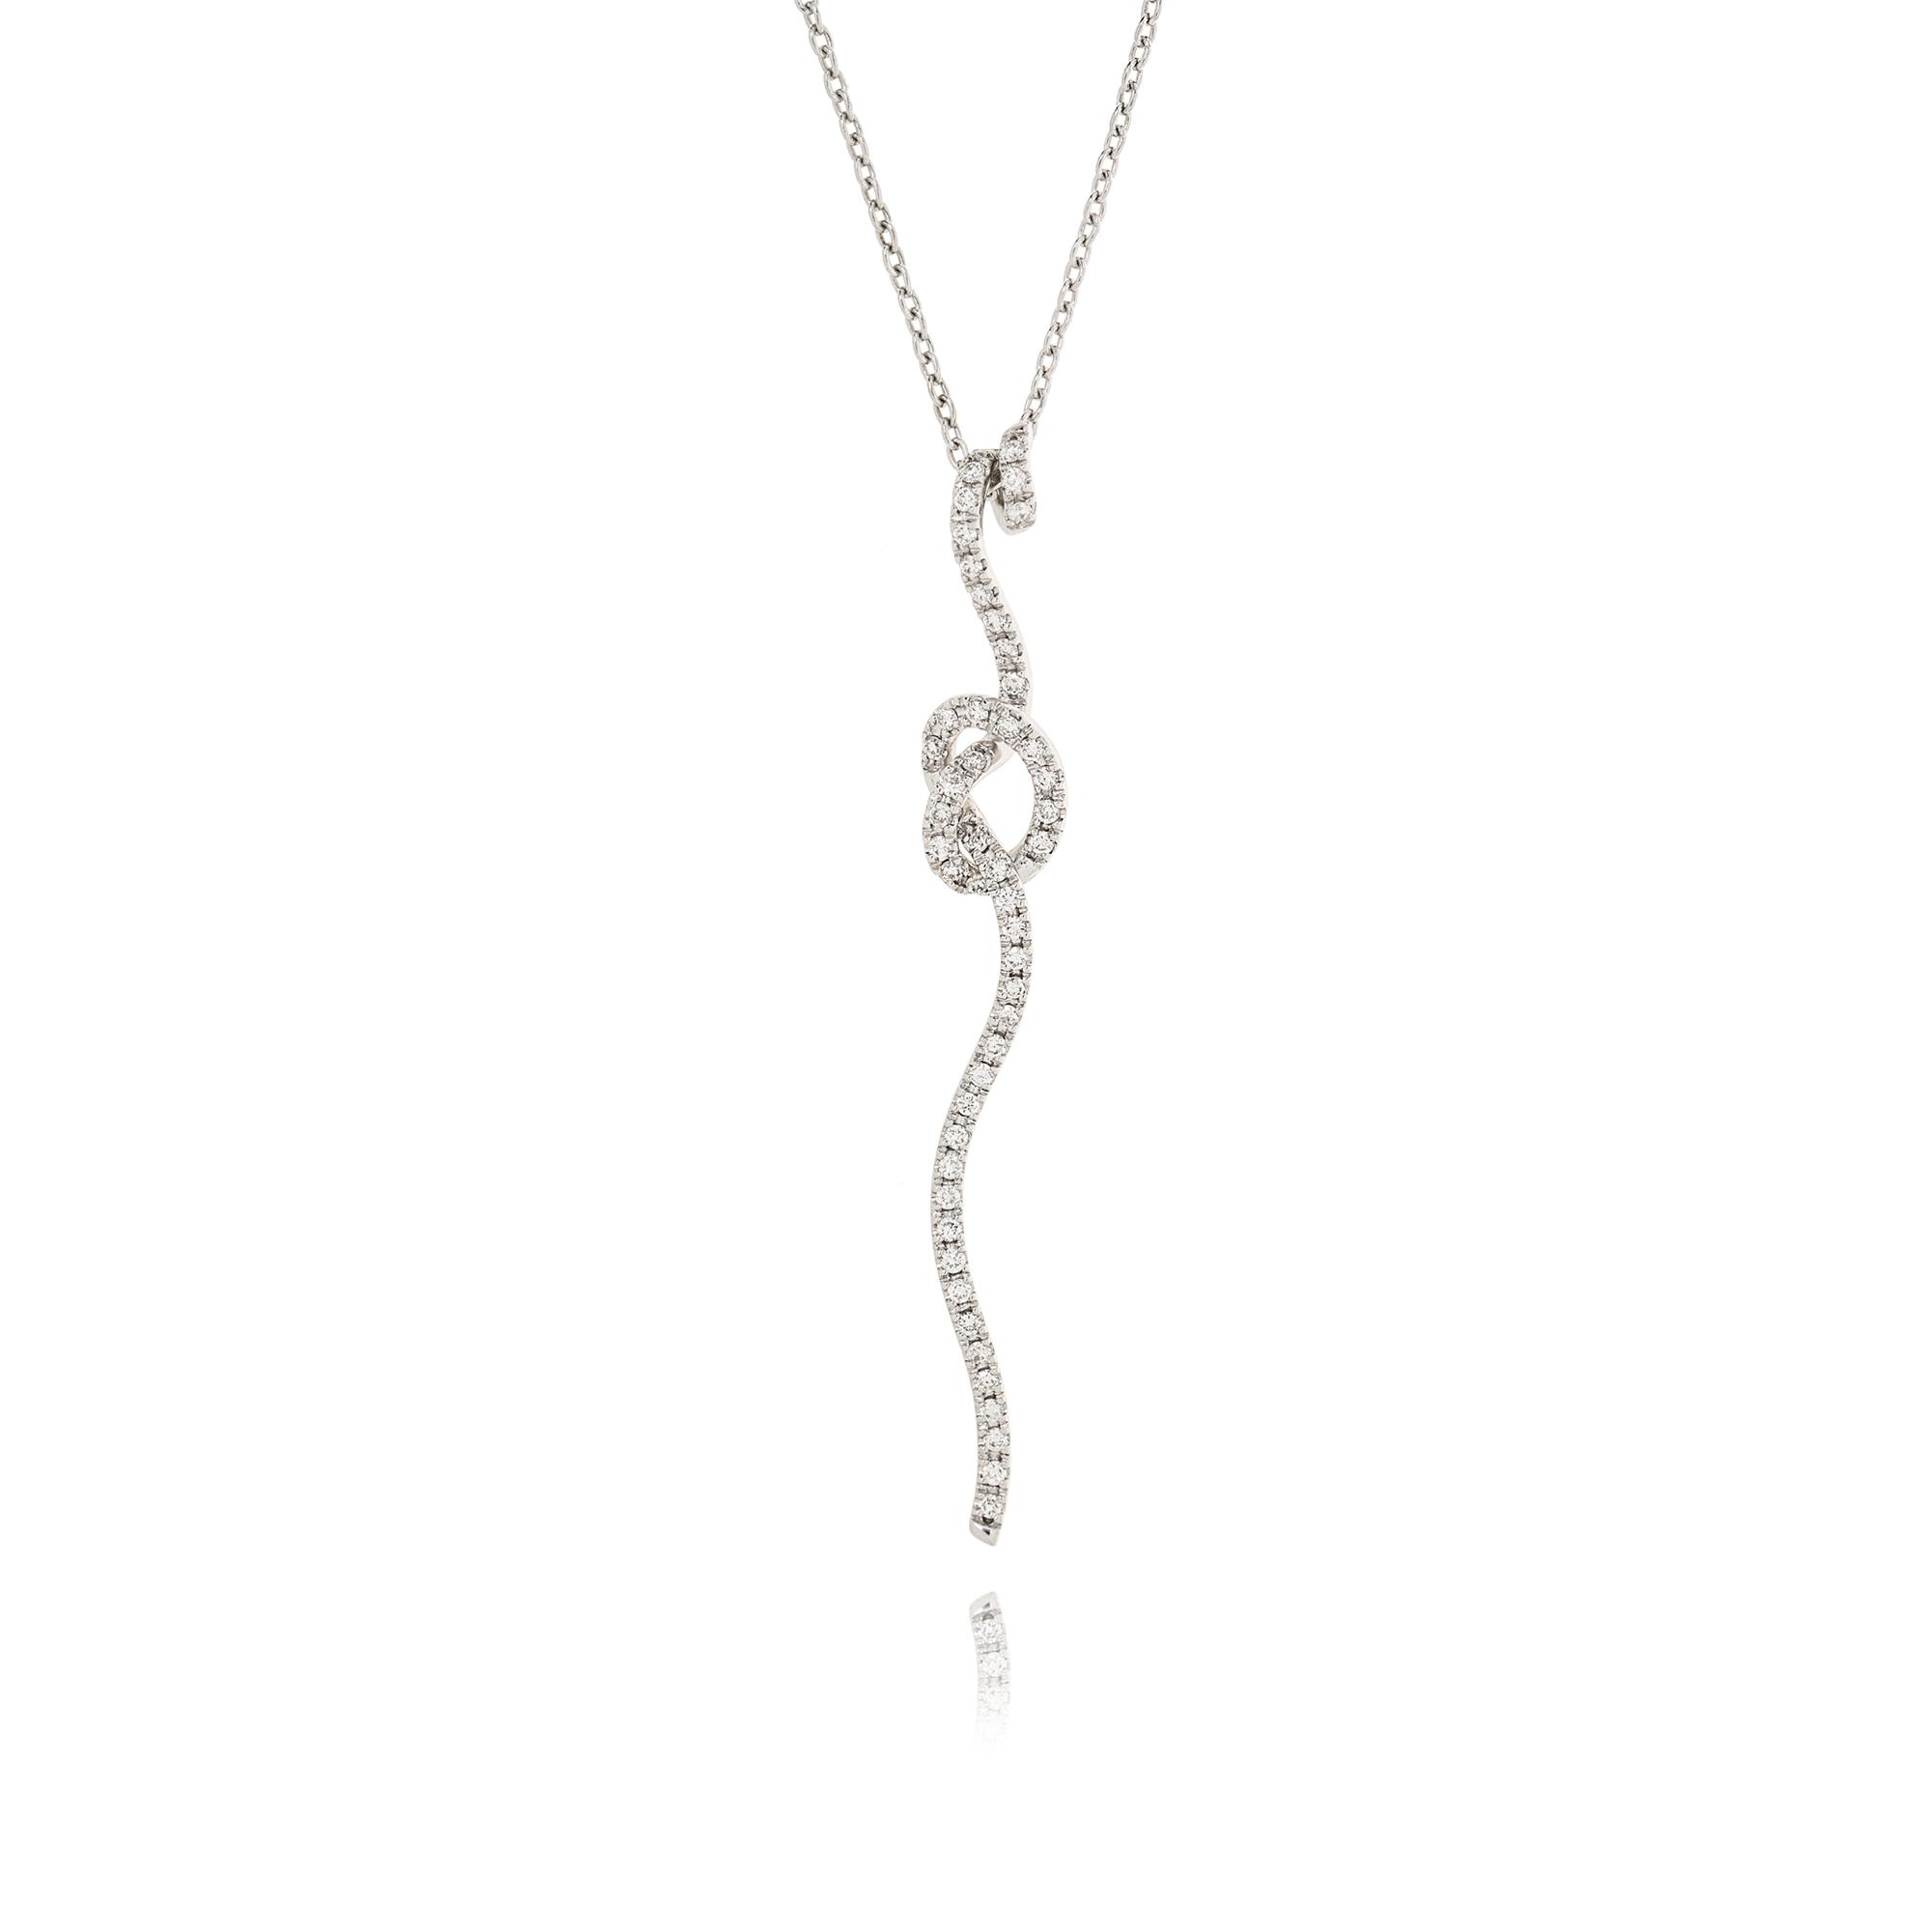 naszyjnik nastri nodo z białego złota 18 karatowego z diamentami